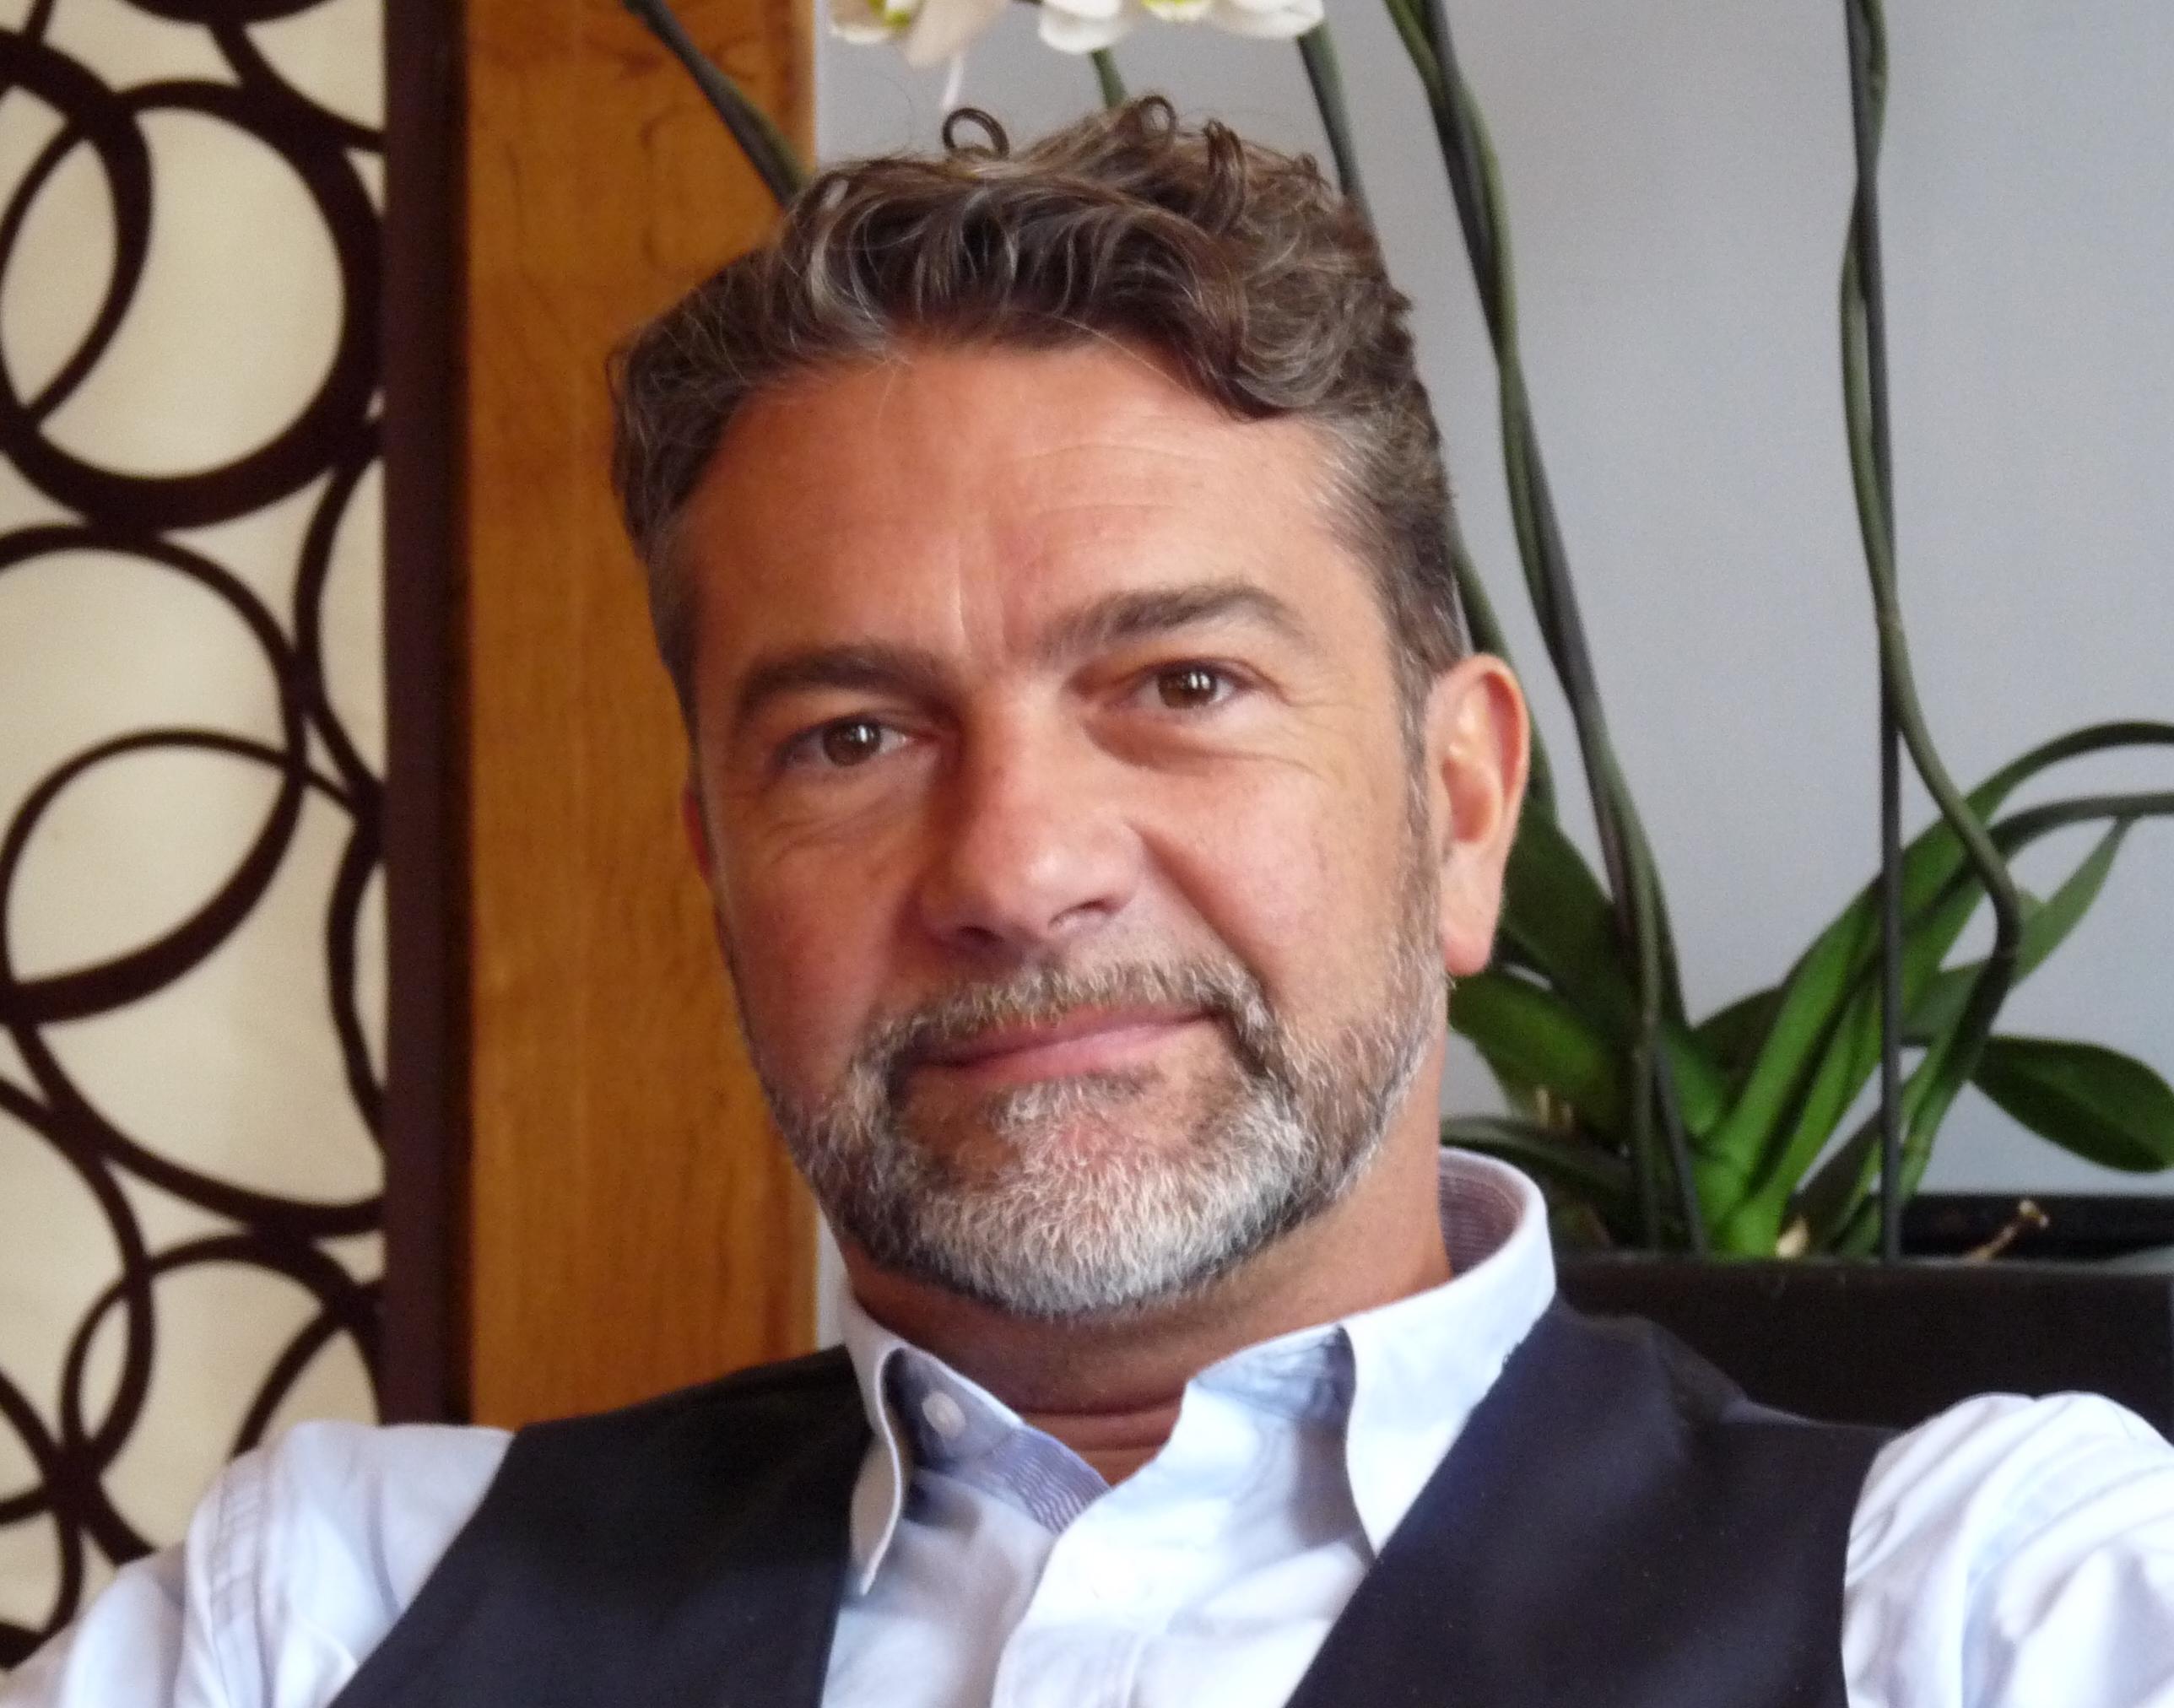 Jean-Claude Sarragosse